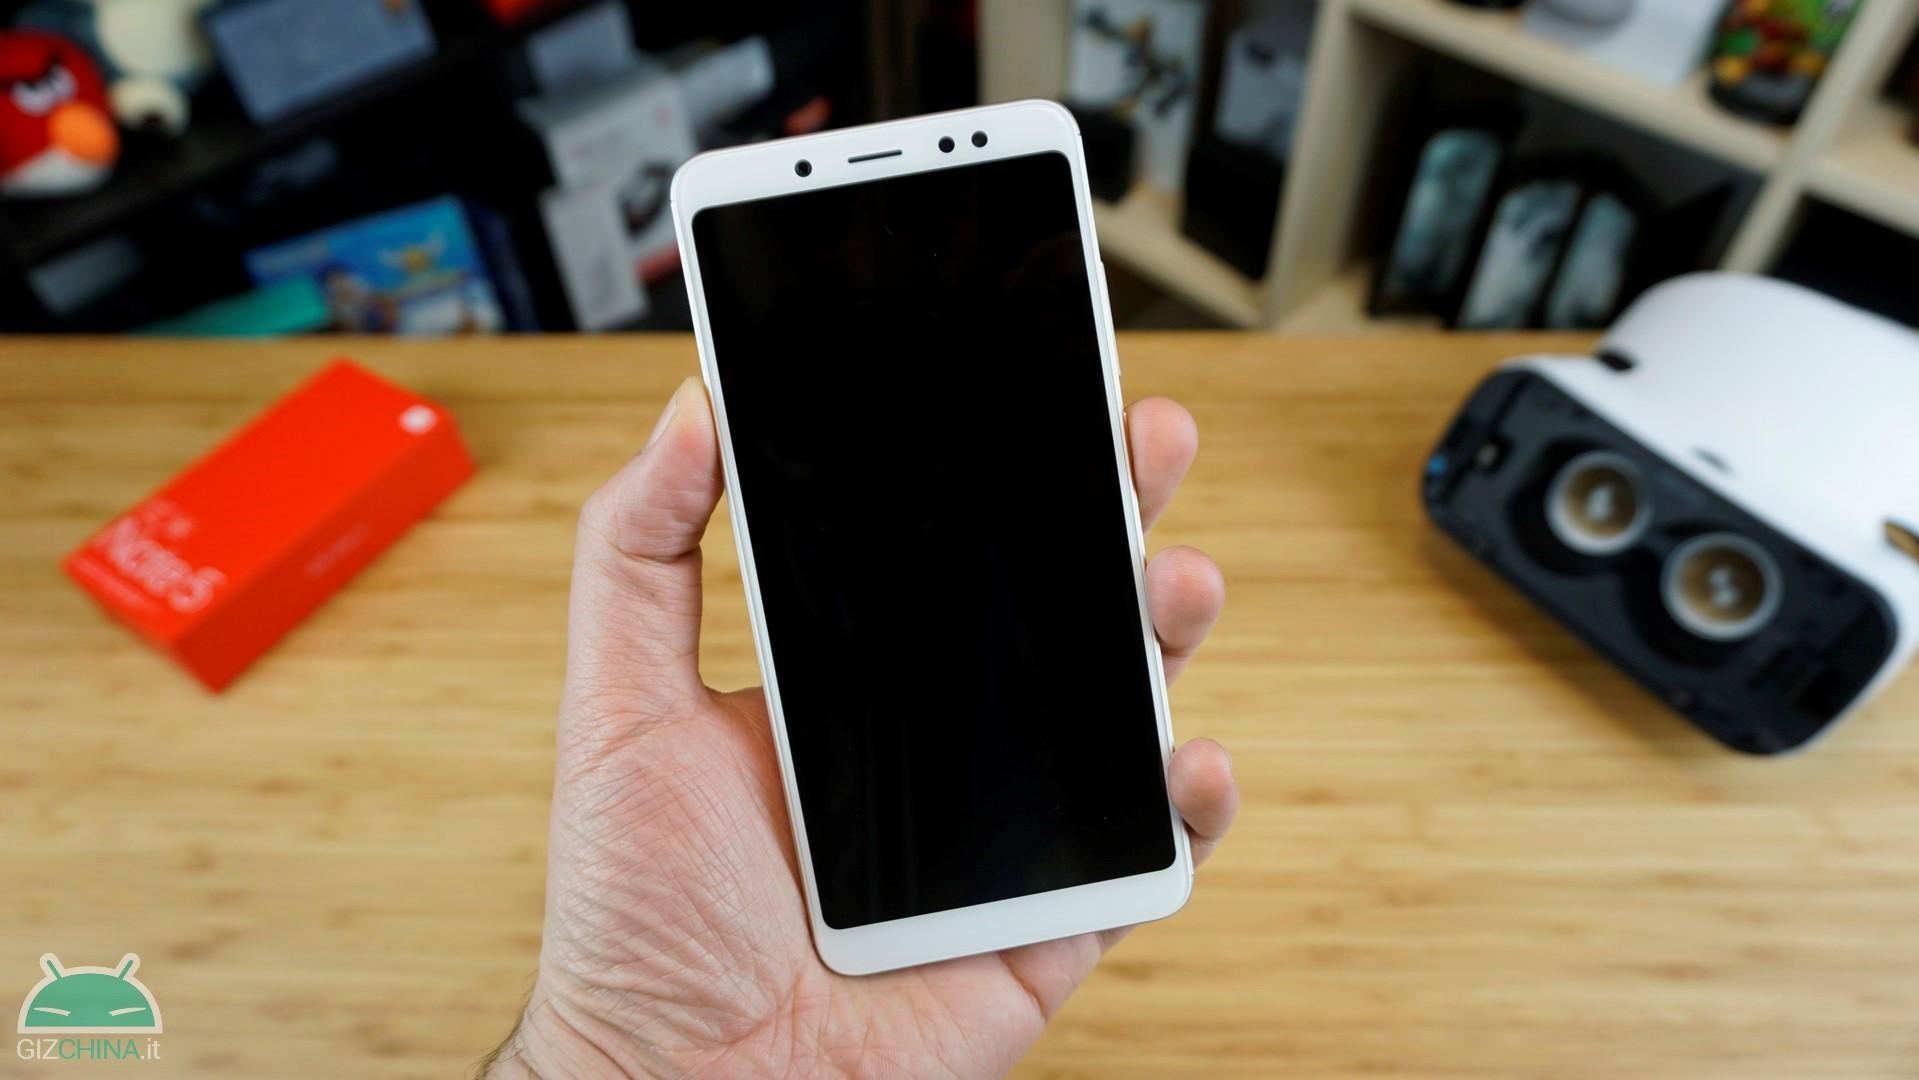 Xiaomi Redmi Note 5 3/32 GB - Banggood